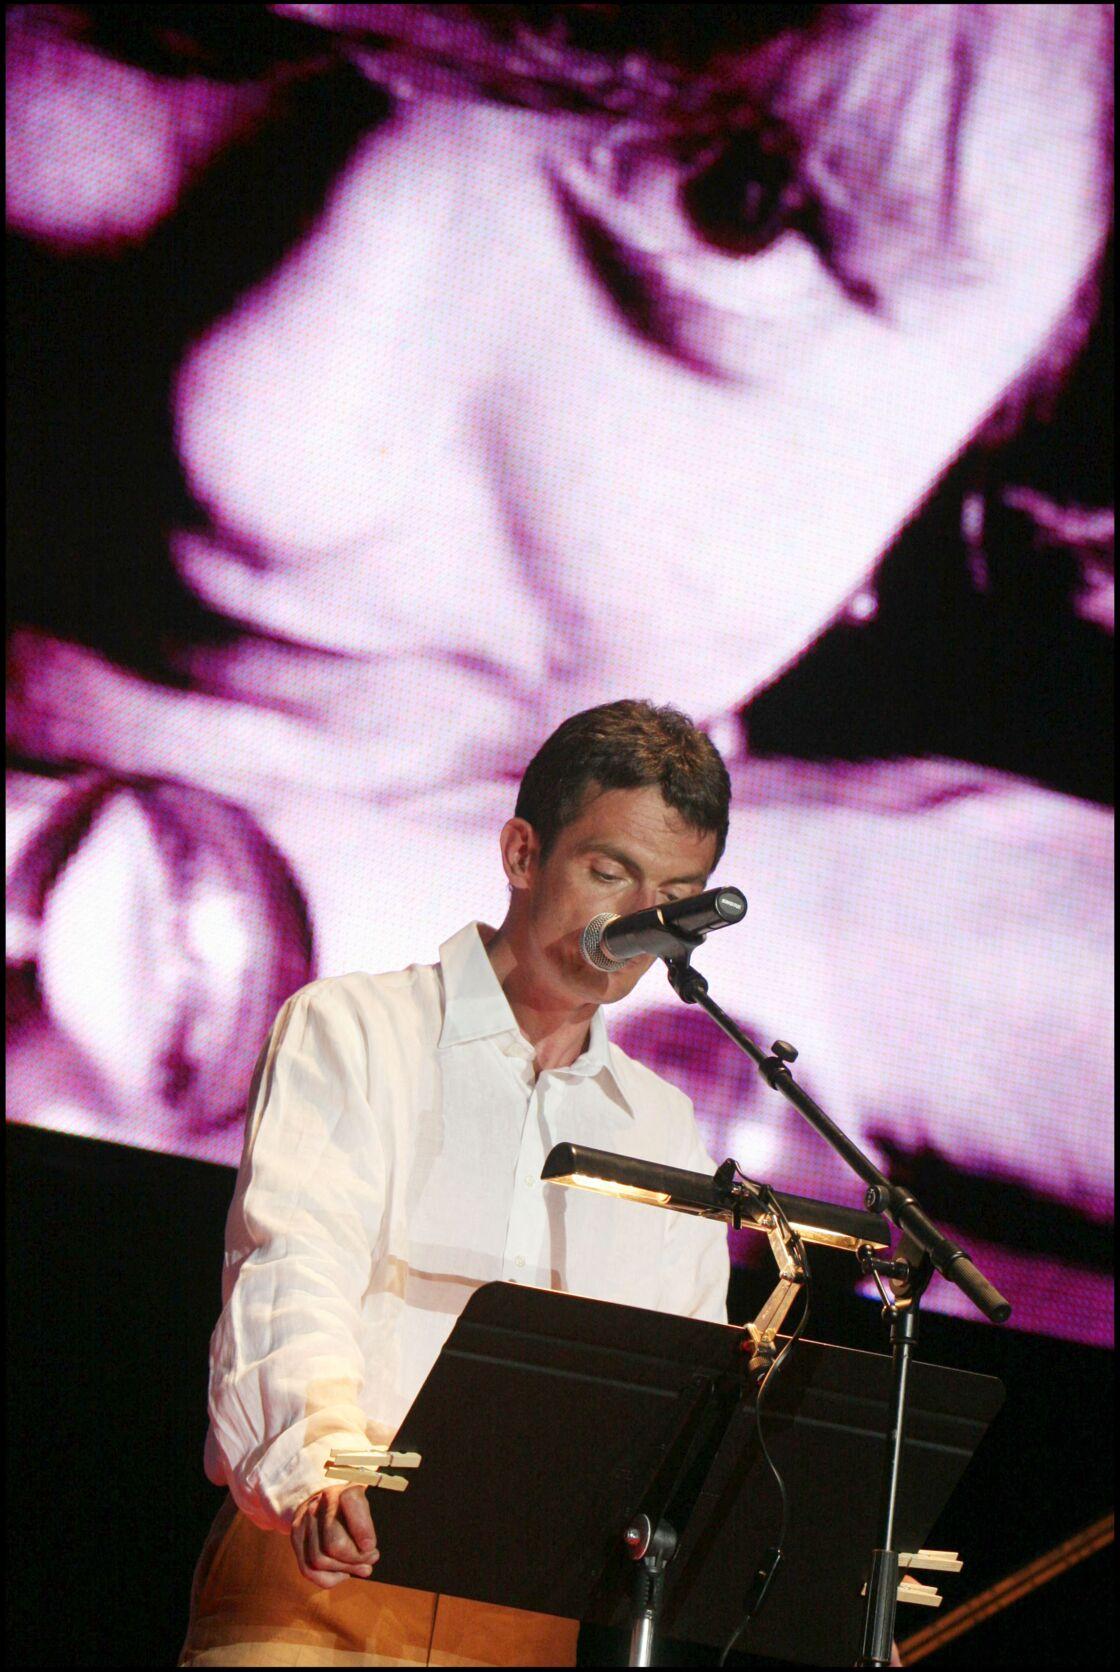 Le fils de Françoise Sagan, Denis Westhoff, devant un portrait de sa mère le 19 juin 2005